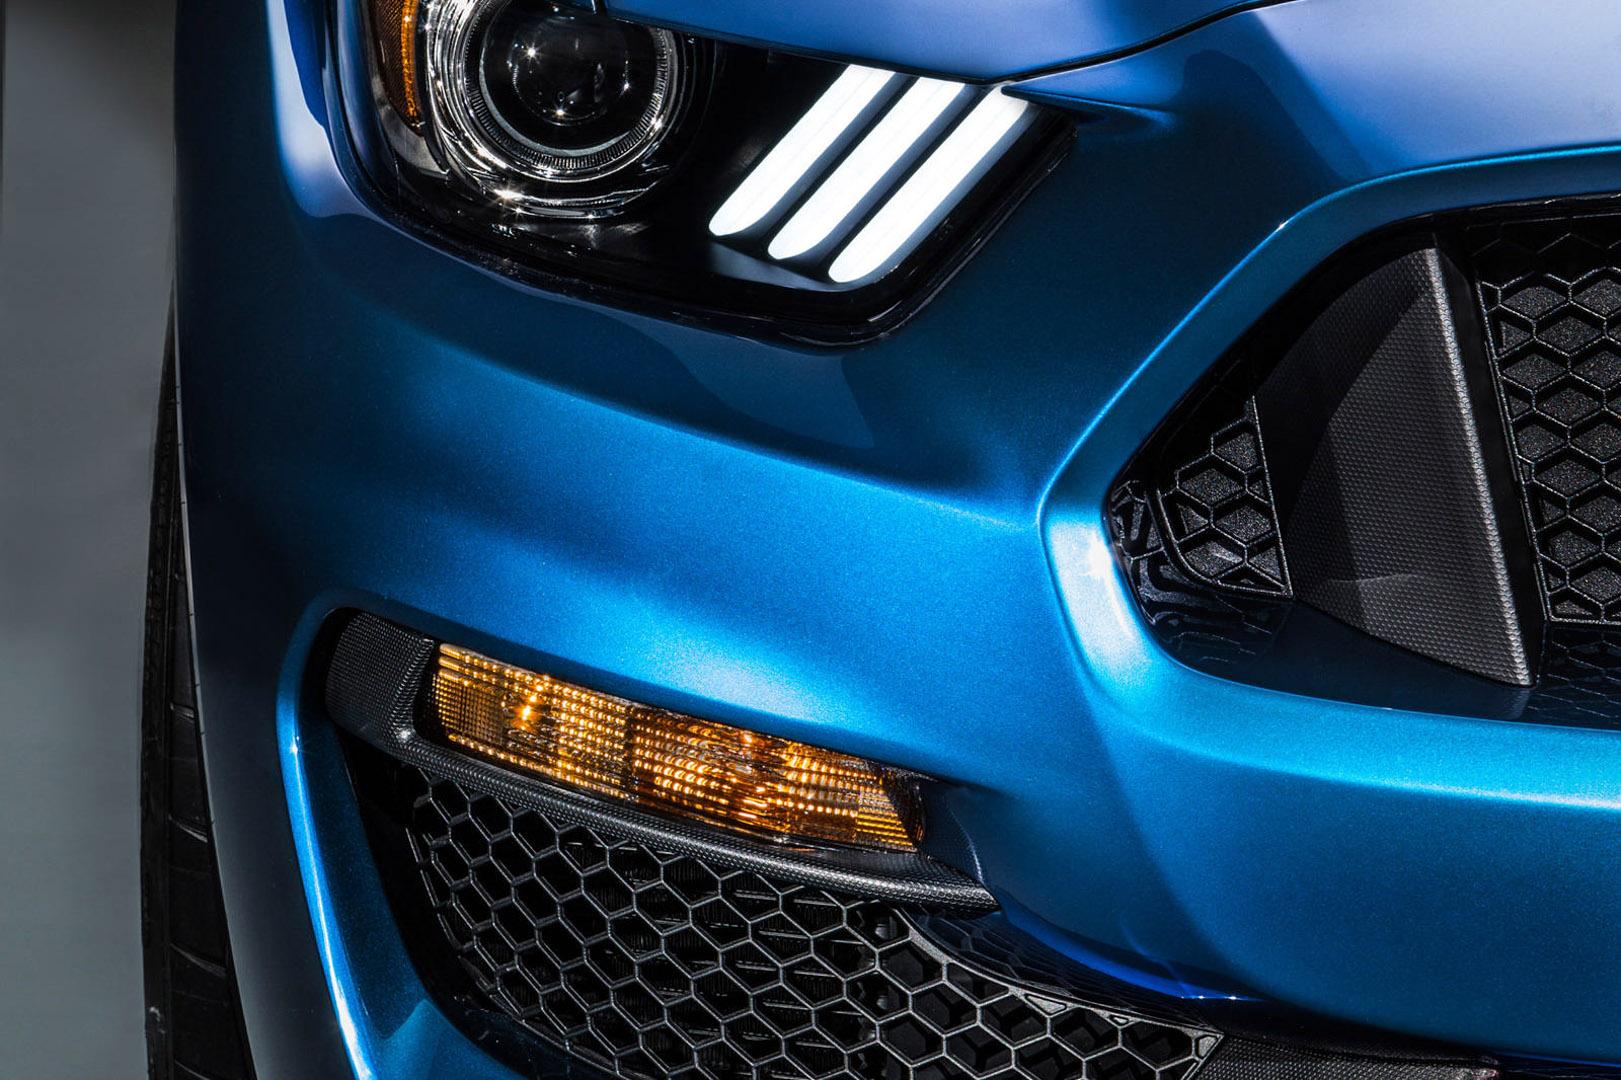 CP-Hệ thống đèn độc đáo của Ford3.jpg